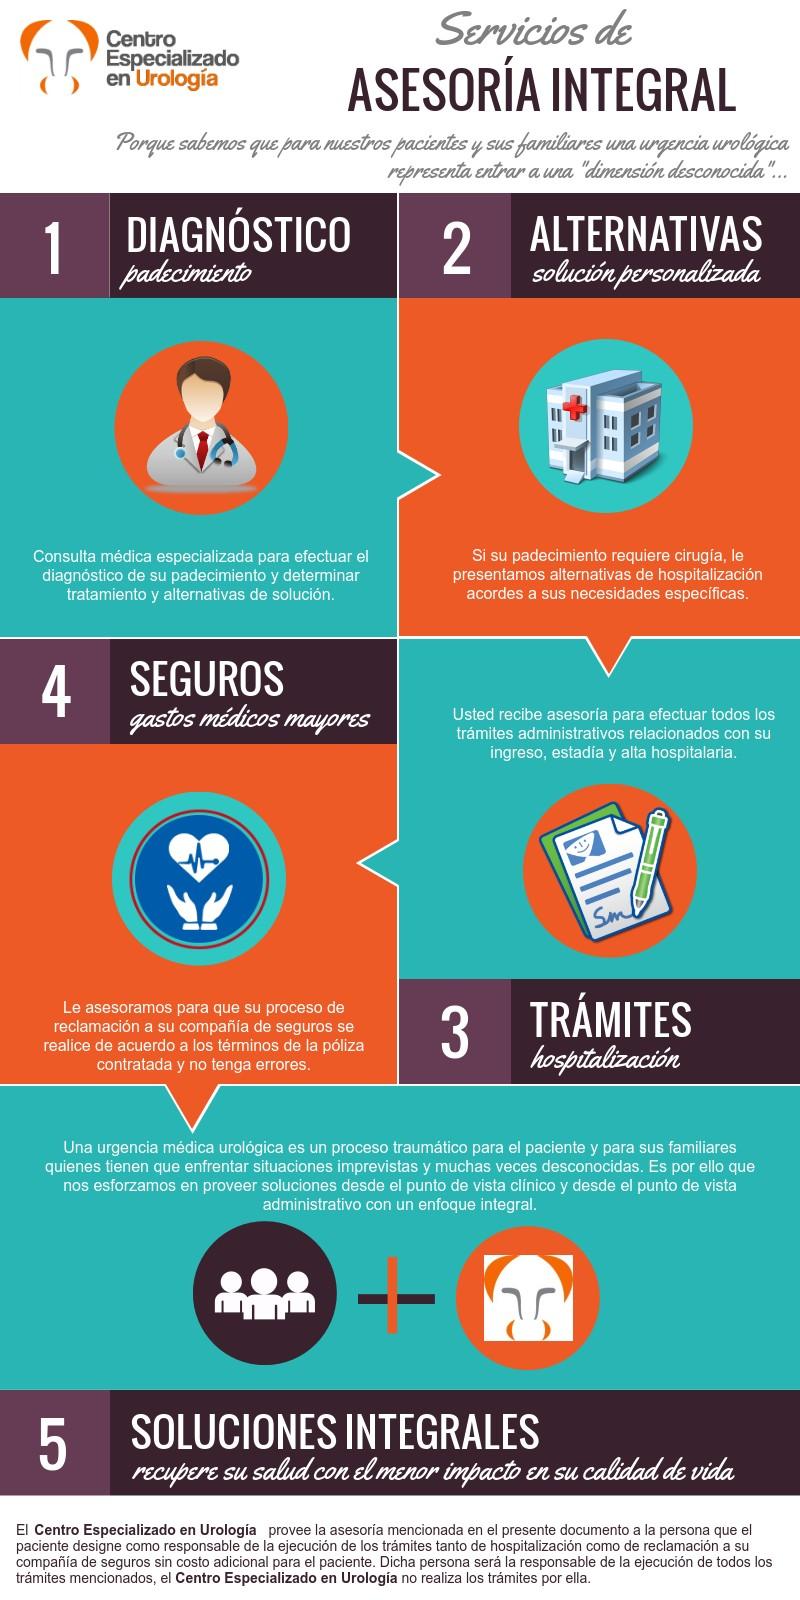 Infografía Asesoría Integral